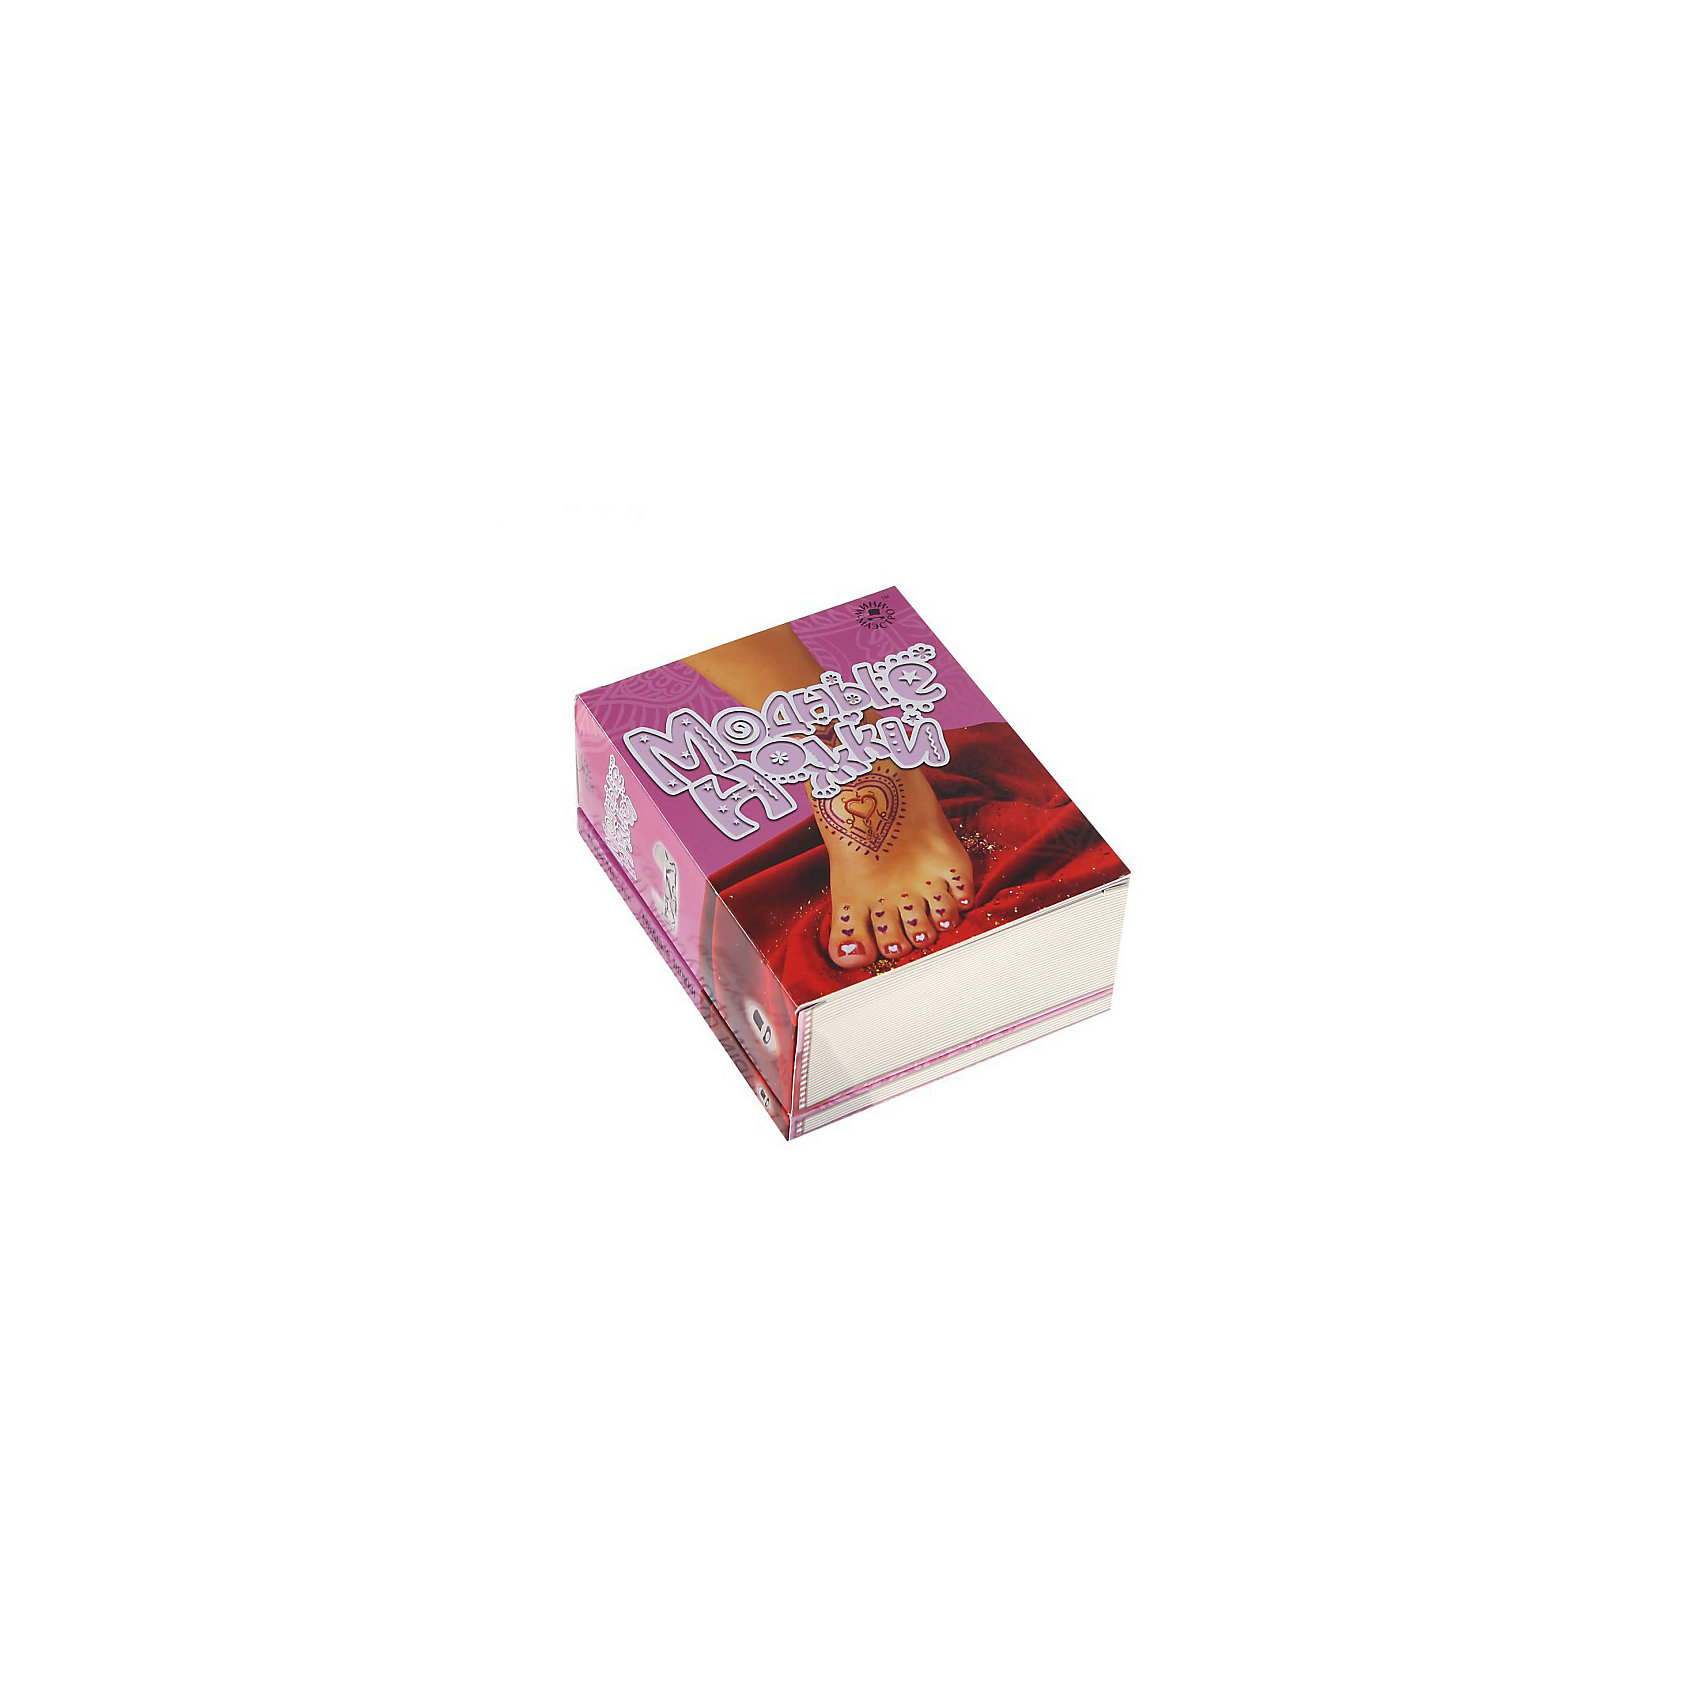 Набор Модные ножкиКосметика, грим и парфюмерия<br>Мини-маэстро «Модные ножки»<br>Хочешь иметь самые модные ножки во всем городе? Тогда этот набор для тебя! В нем 48-ми страничная книга с множеством идей для дизайна и все необходимое – лак, колечко, разделитель для пальцев, переводные тату и даже стразы!<br>Дополнительная информация:<br>В набор входит:<br>- Книга с инструкциями 48 стр., цв. илл.,<br>- лак для ногтей, <br>- карандаш для тату, <br>- разделитель для пальчиков, <br>- временные тату, <br>- стразы, <br>- кольцо.<br>Размер упаковки (д/ш/в): 95 х 52 х 120 мм<br>Преврати свои ножки в произведение искусства!<br><br>Ширина мм: 95<br>Глубина мм: 52<br>Высота мм: 120<br>Вес г: 300<br>Возраст от месяцев: 72<br>Возраст до месяцев: 144<br>Пол: Женский<br>Возраст: Детский<br>SKU: 2358209